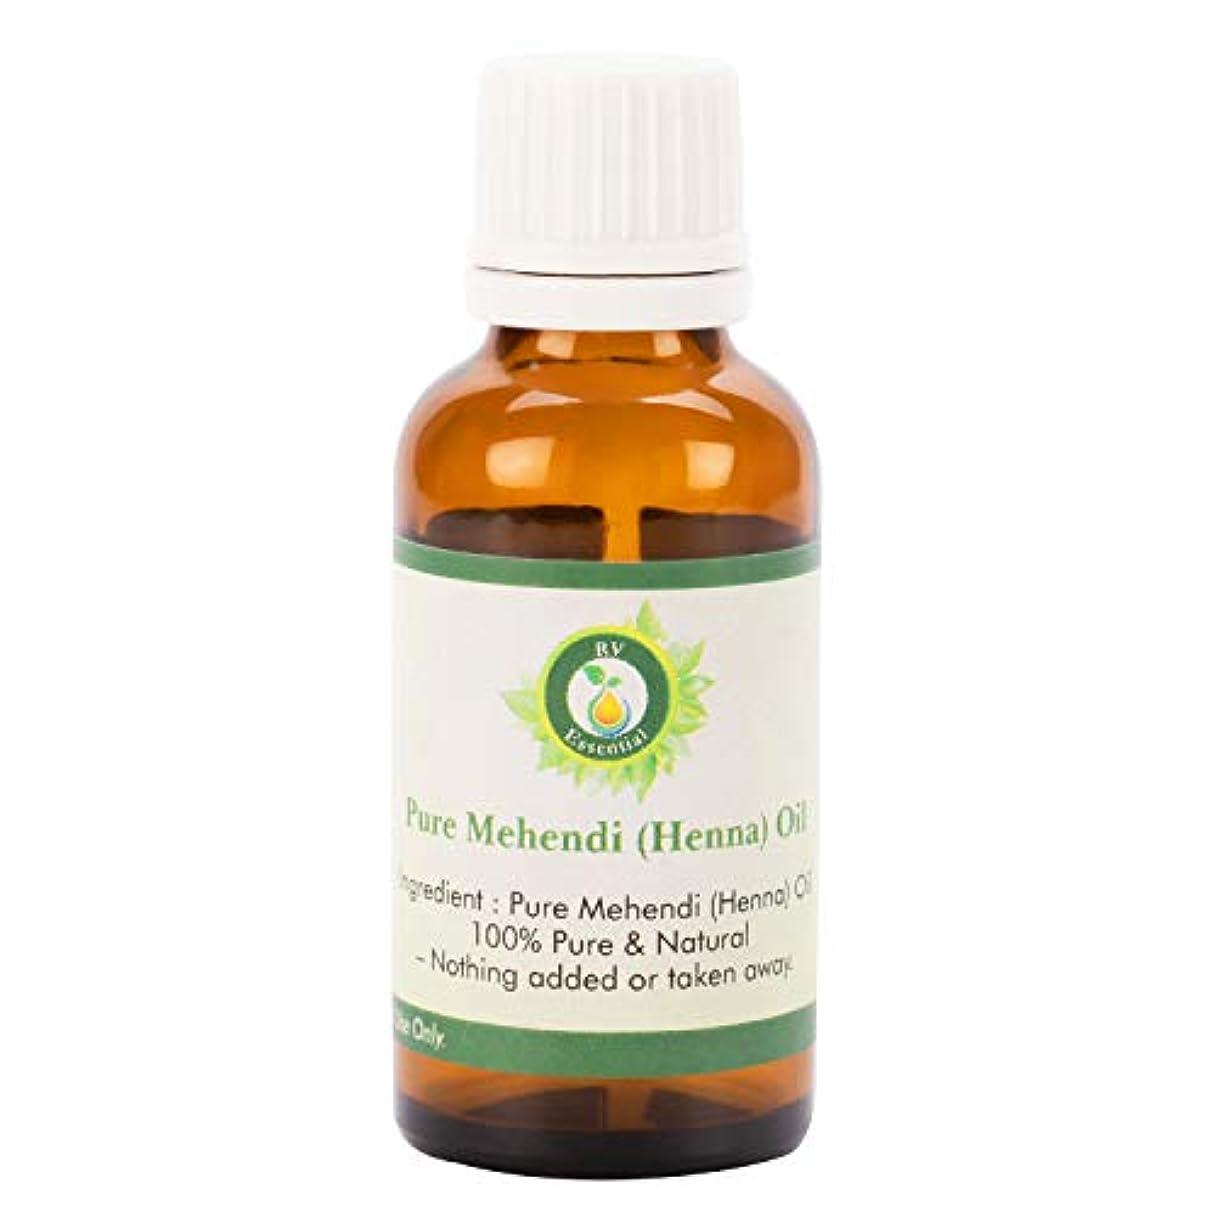 甘味輪郭コードレスピュアMehendi(ヘナ)オイル100ml (3.38oz)- (100%純粋でナチュラル) Pure Mehendi (Henna) Oil